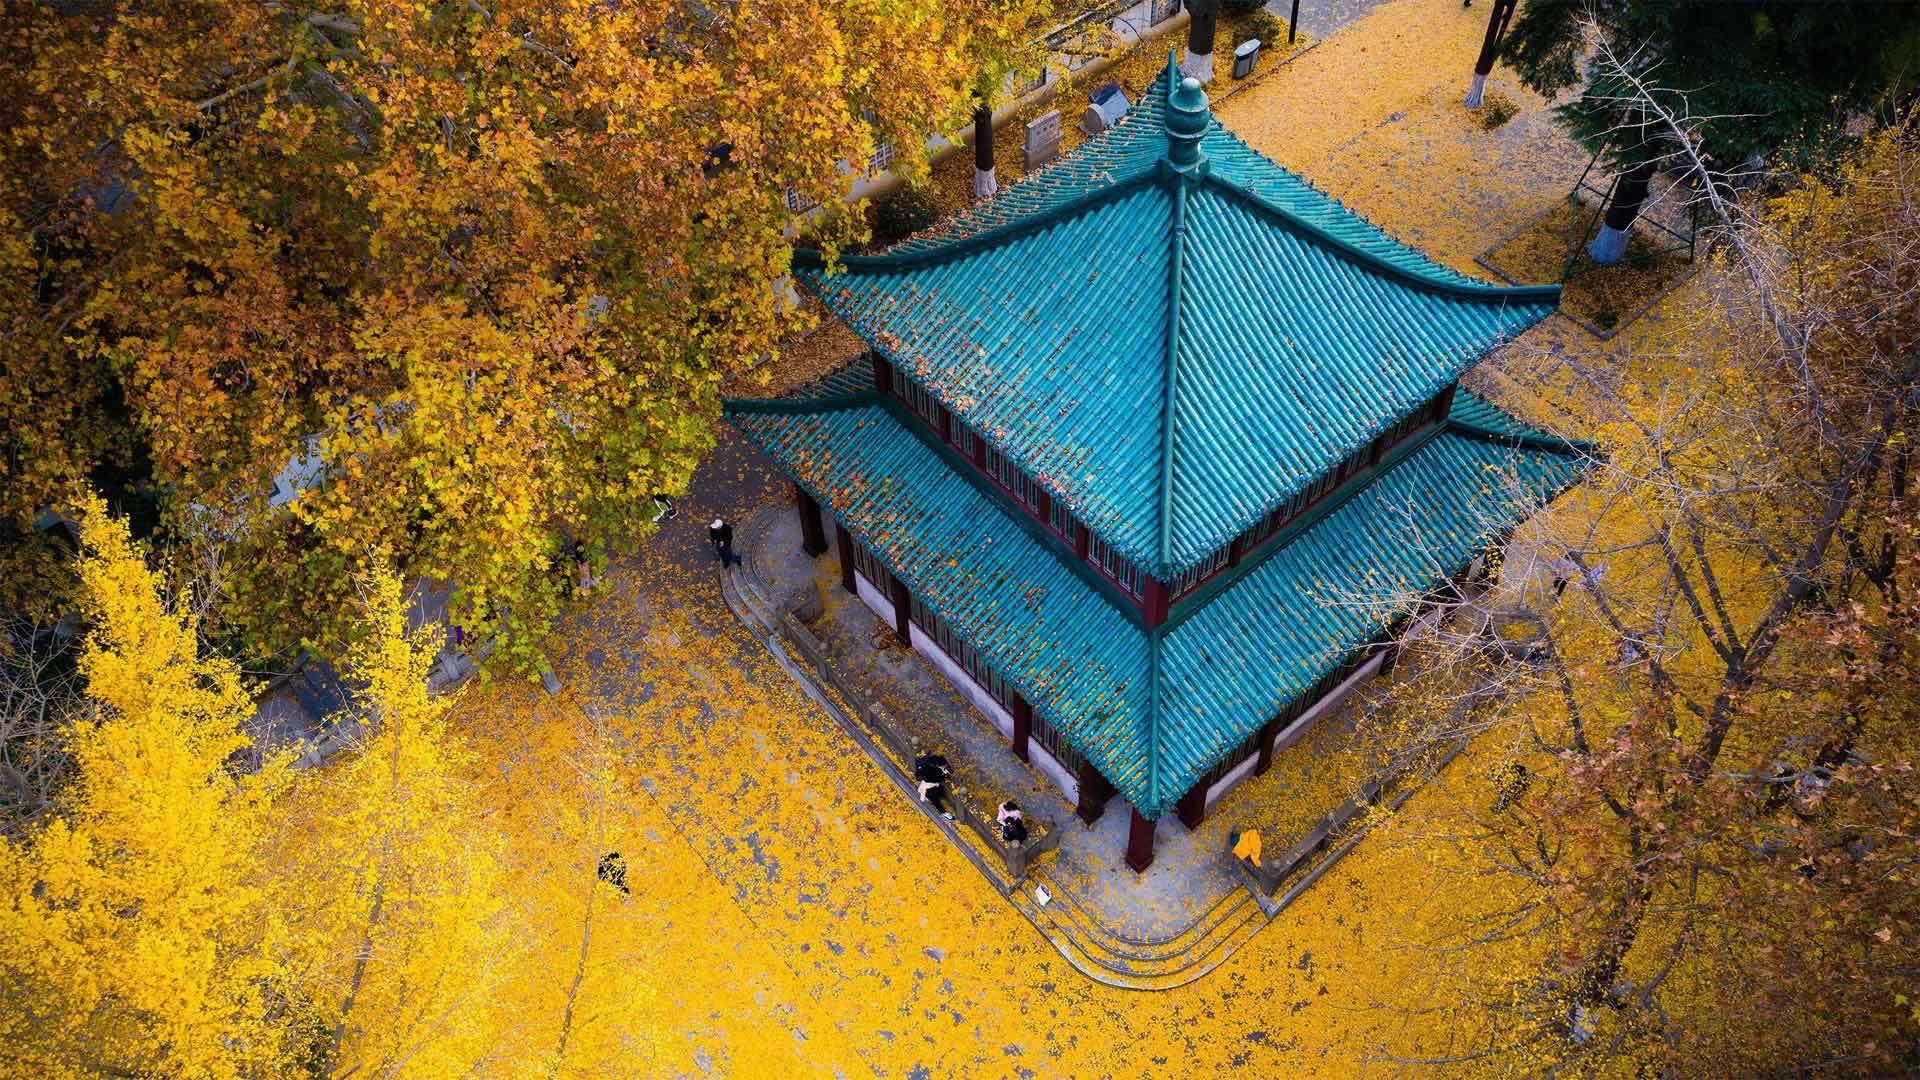 玄武湖公园的金色银杏叶玄武湖公园